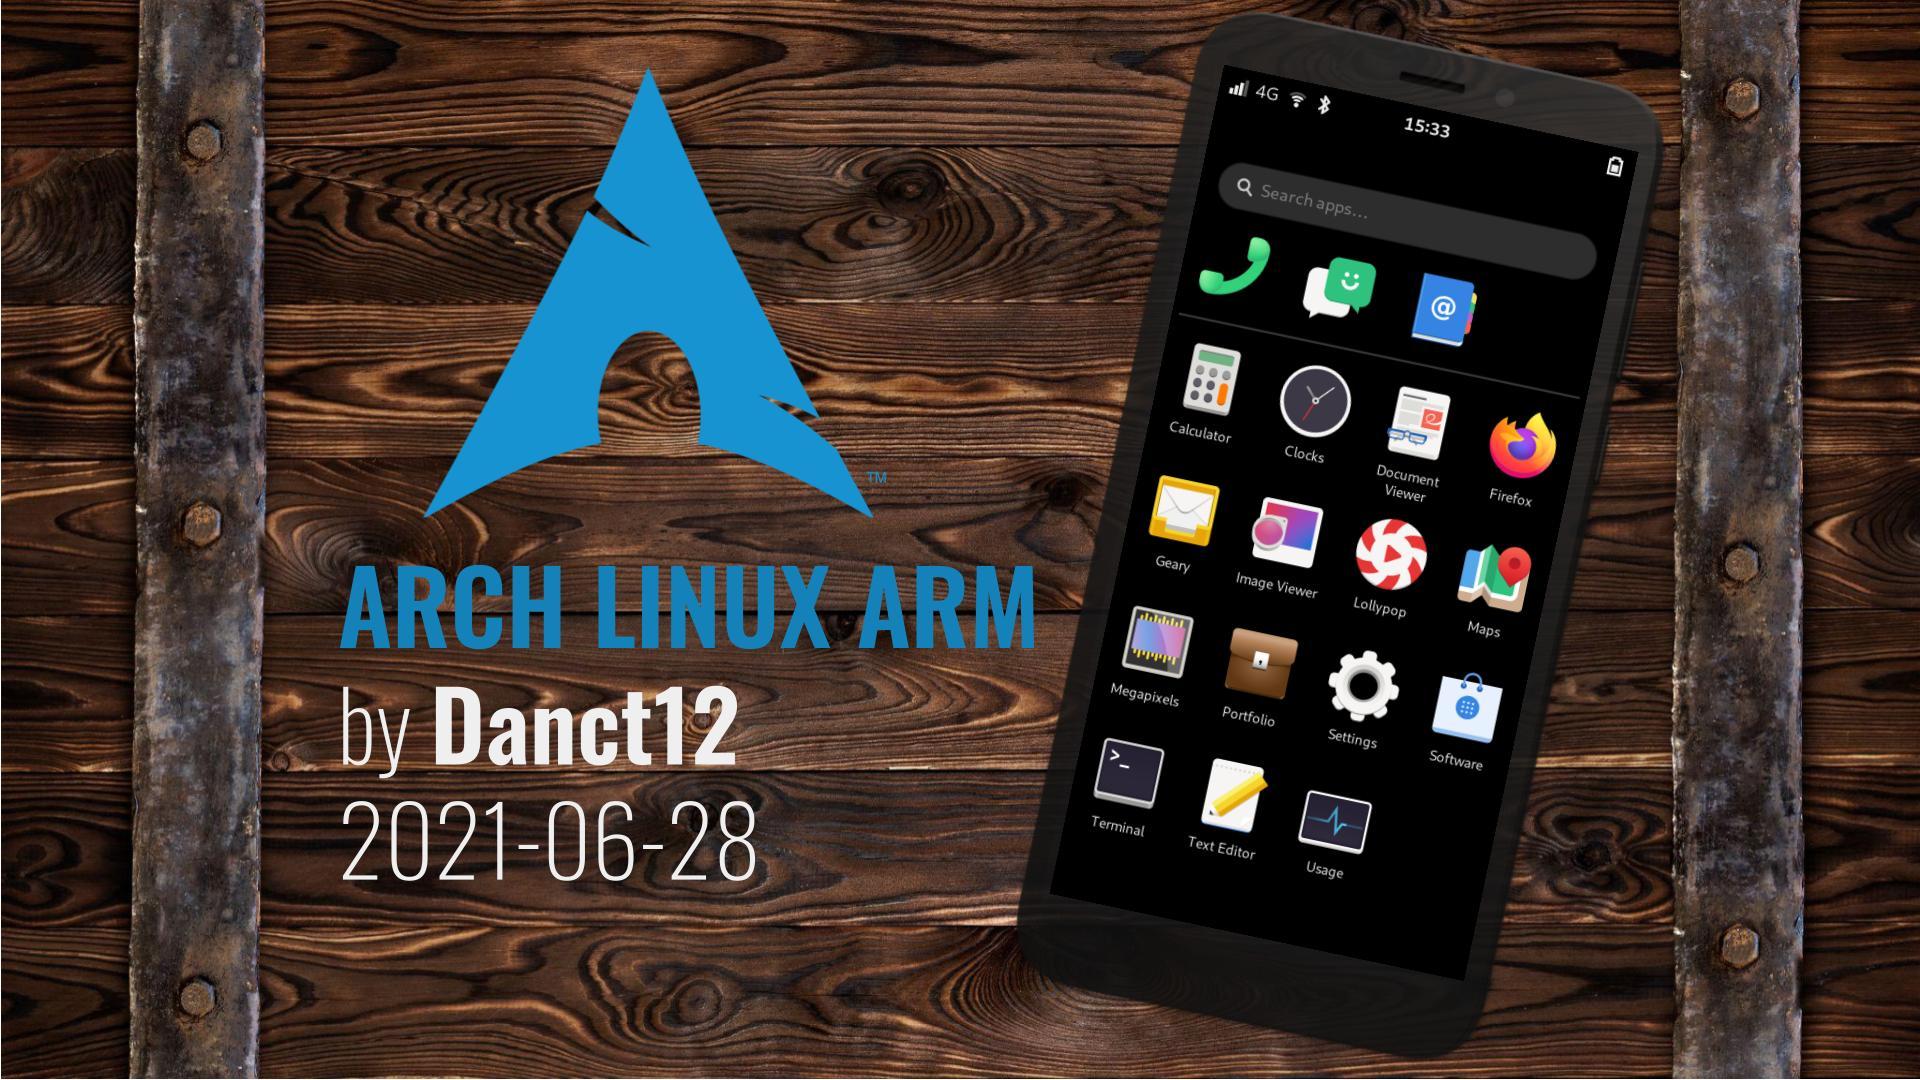 Arch Linux ARM 20210628 – calls 0.3.4, phoc 0.7.1, Plasma 5.22.2